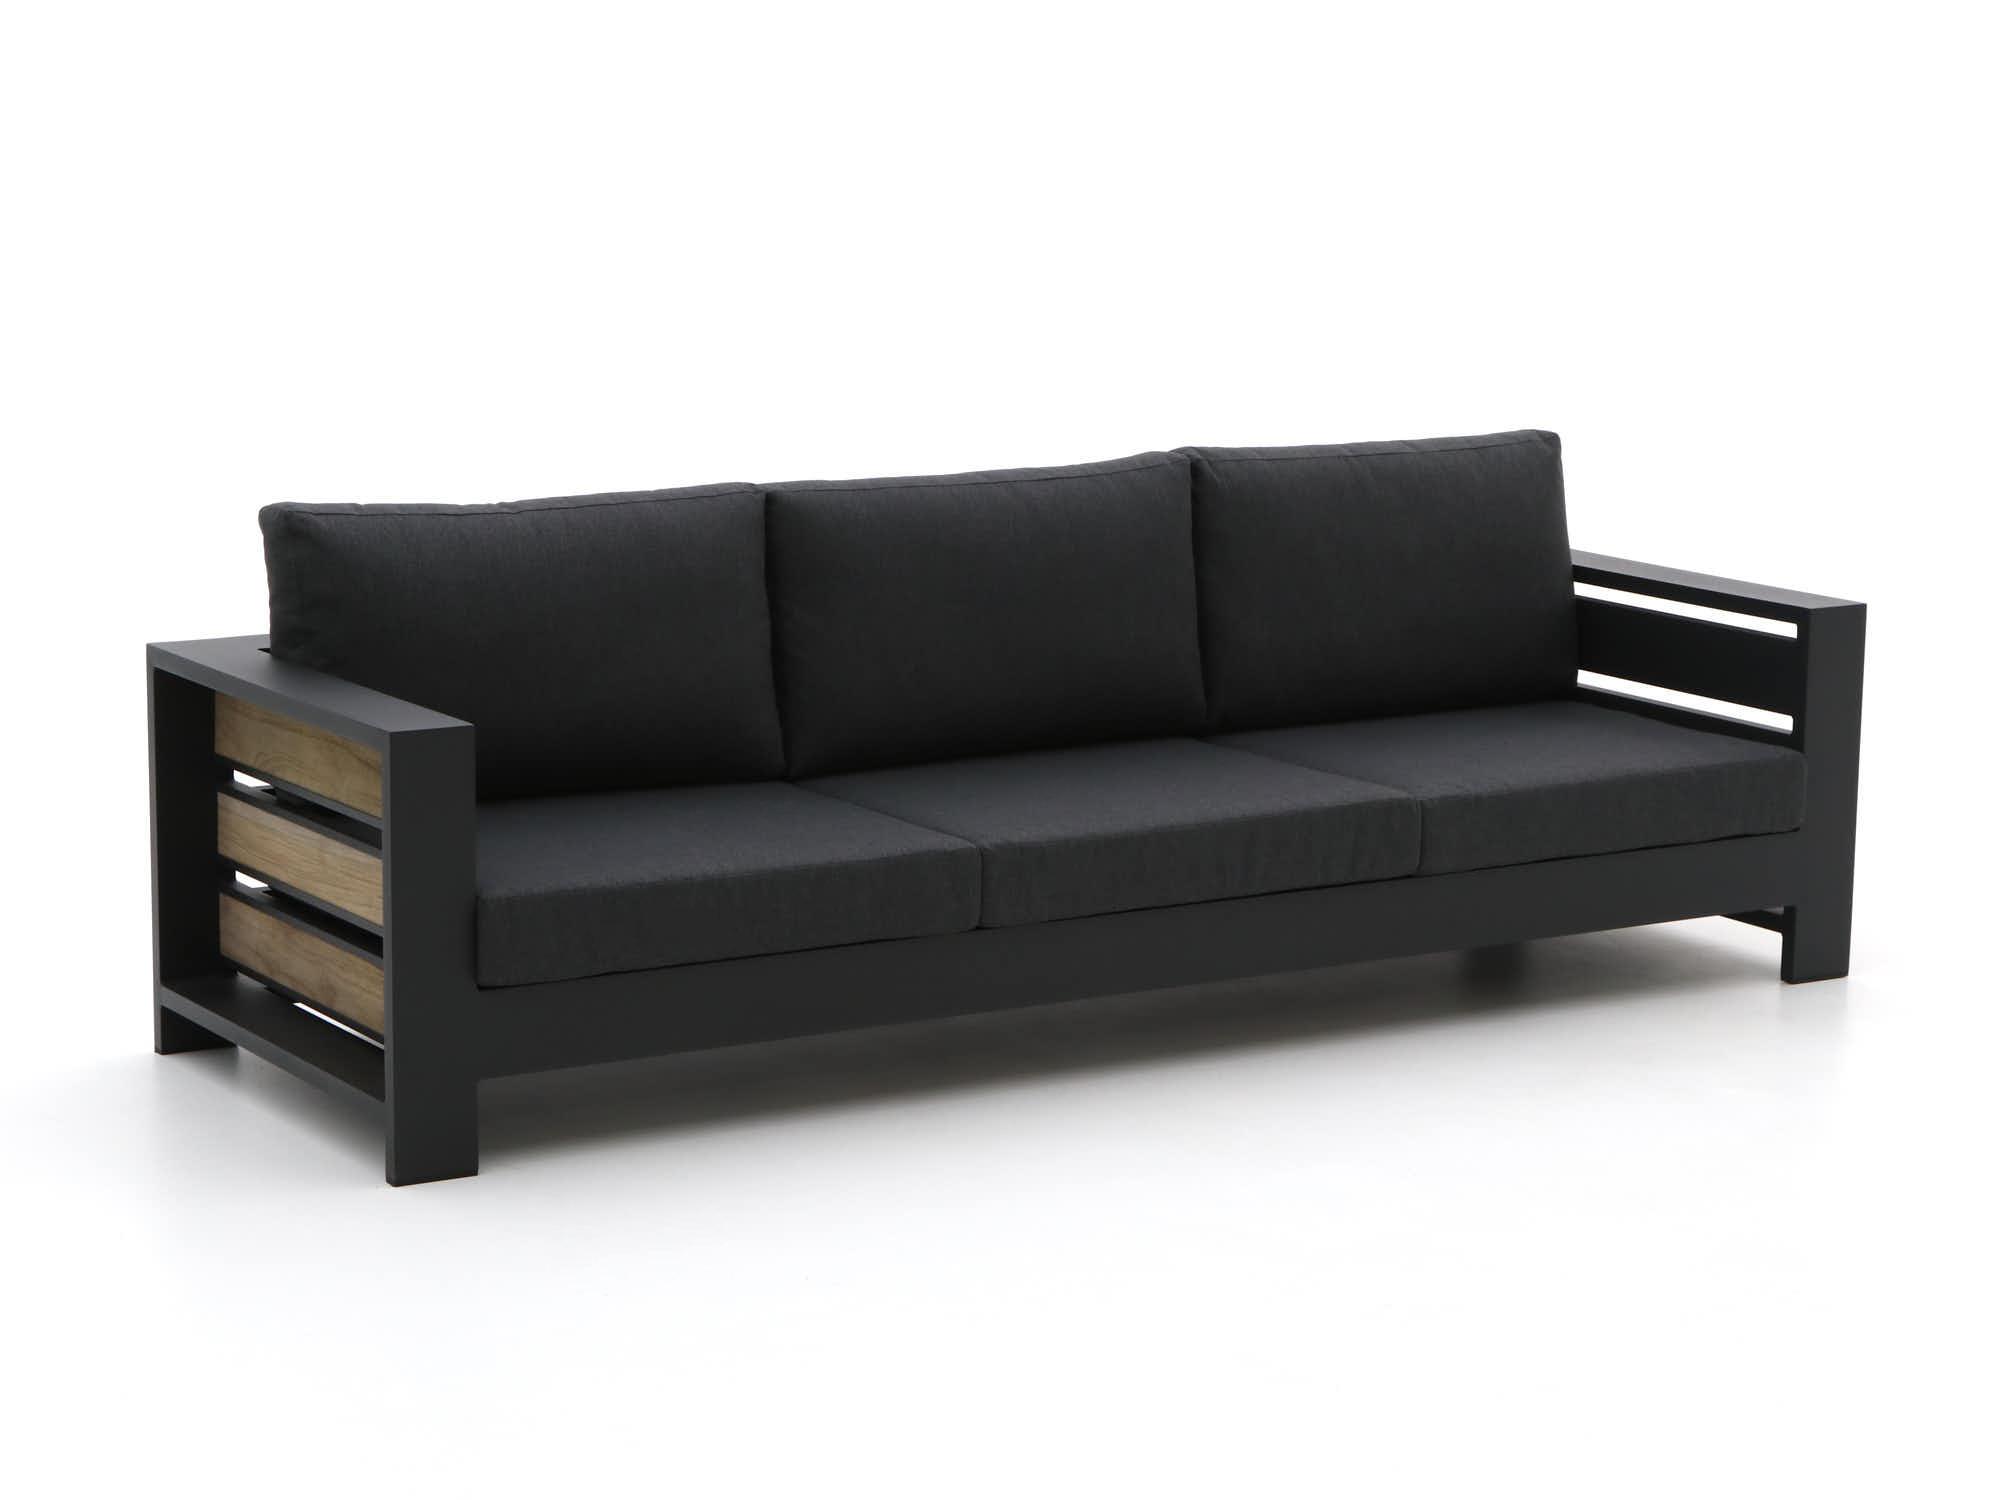 Bellagio Avolo lounge tuinbank 3-zits 265cm - Laagste prijsgarantie!